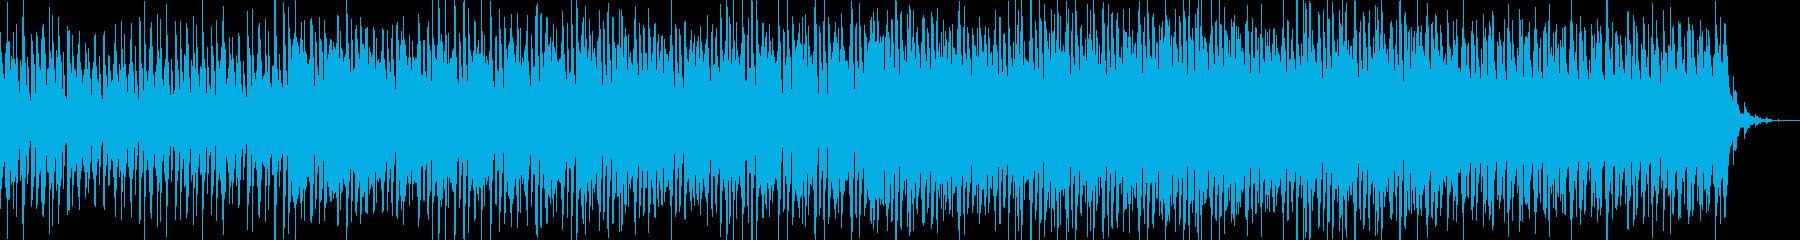 オープニング・透明感・疾走感・感動的の再生済みの波形